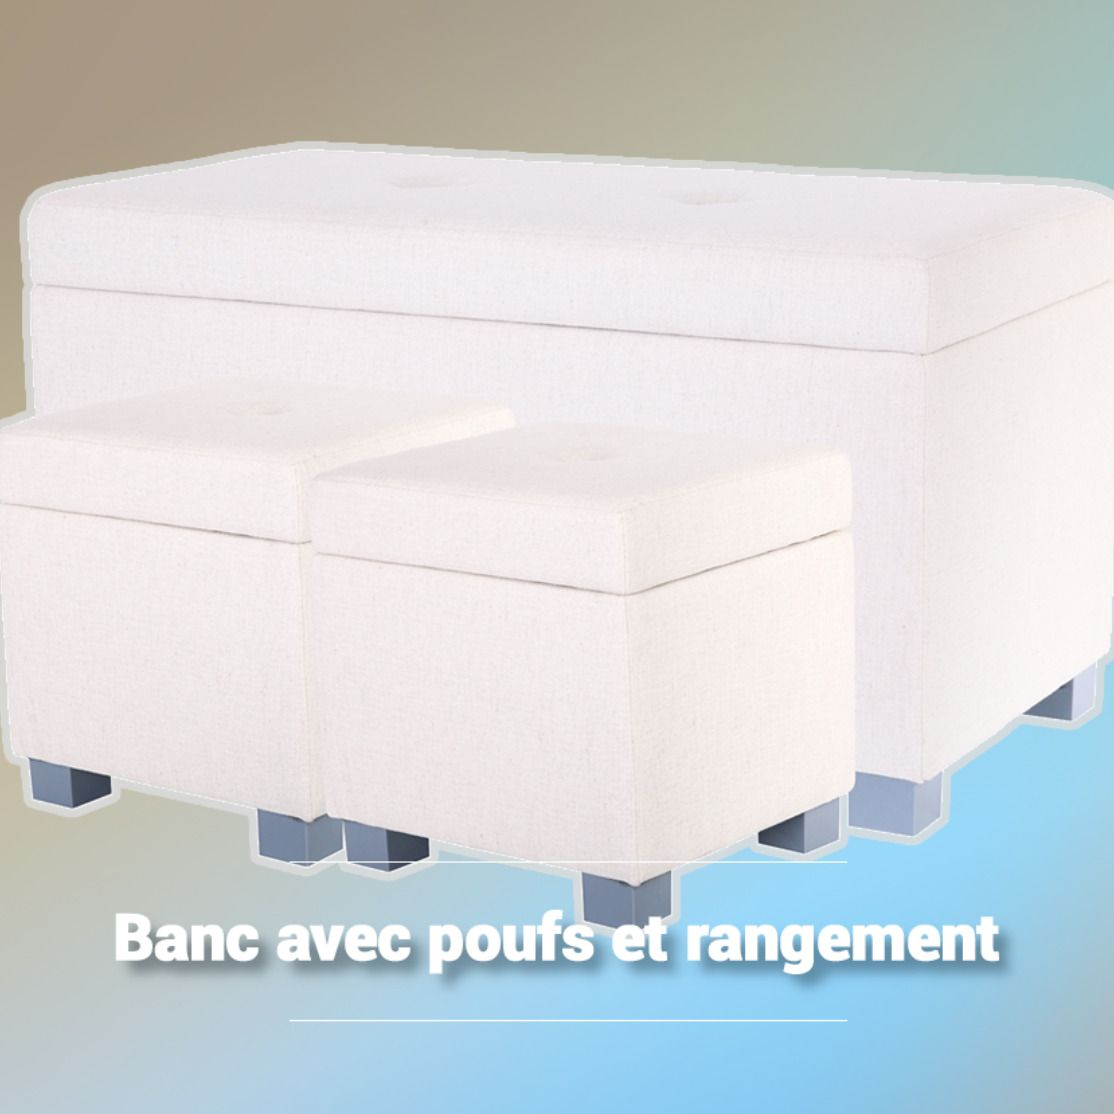 Banc Avec Poufs Et Rangement Scandinave La Foir Fouille Rangement Banc De Rangement Banc